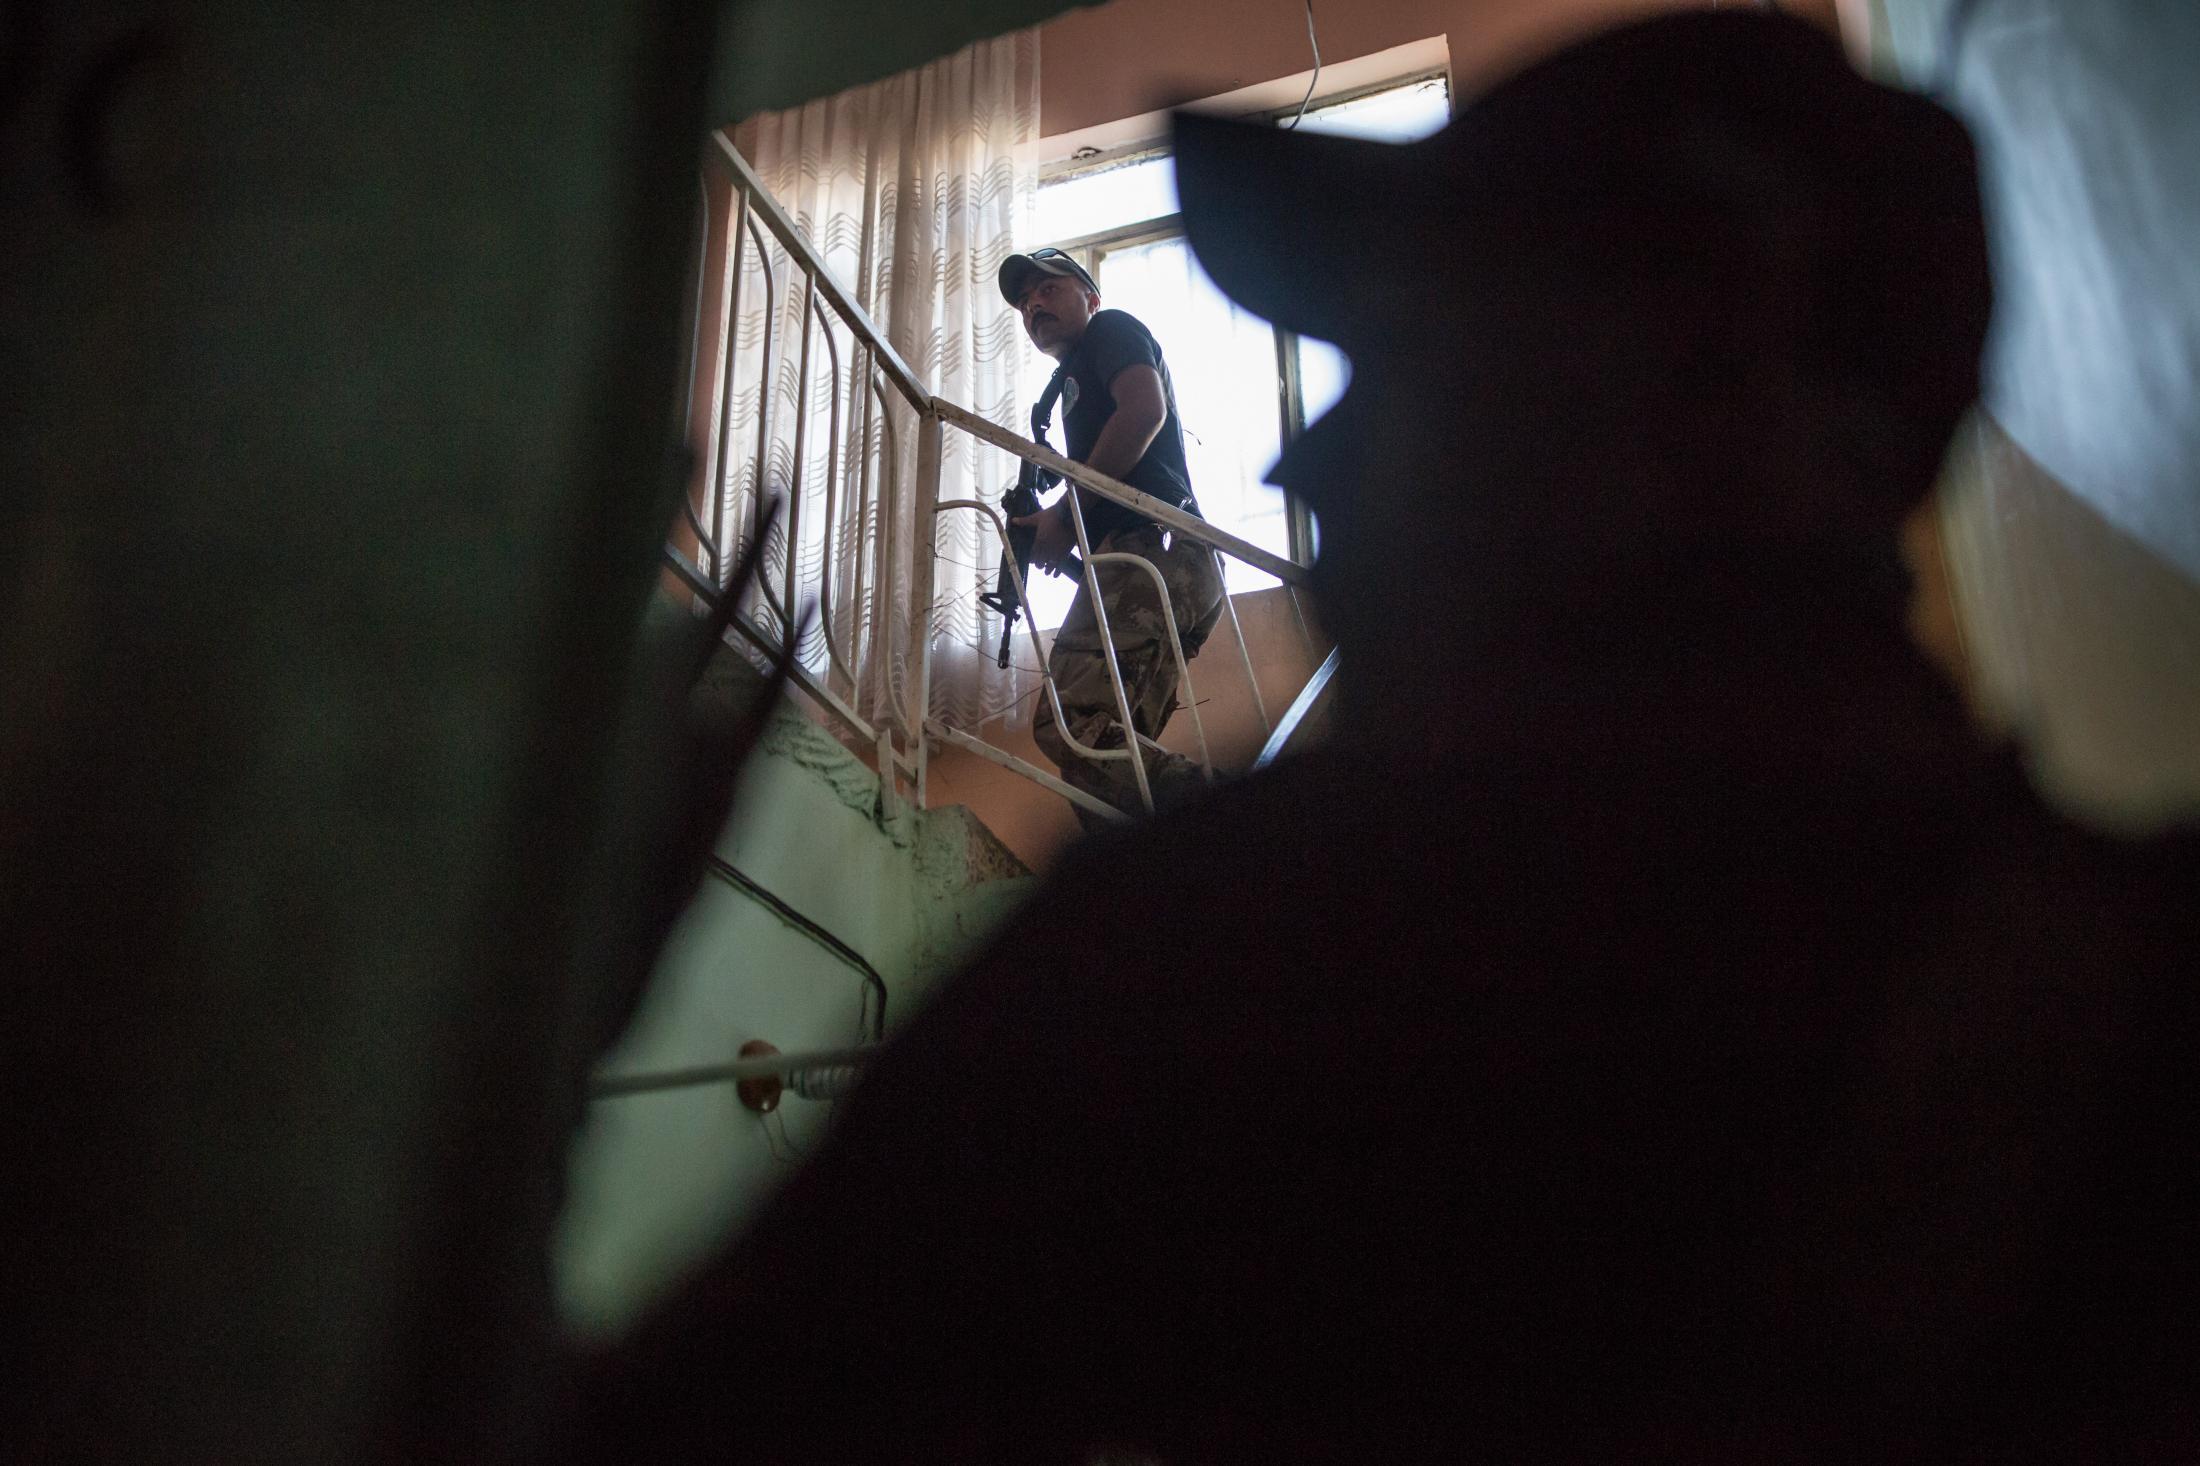 Les forces spéciales de l'armée irakienne fouillent des maisons dans des quartiers libérées de l'Ouest de Mossul. La veille, une contre attaque de cellules dormantes de Daesh a permis à ces membres de reprendre deux quartiers.